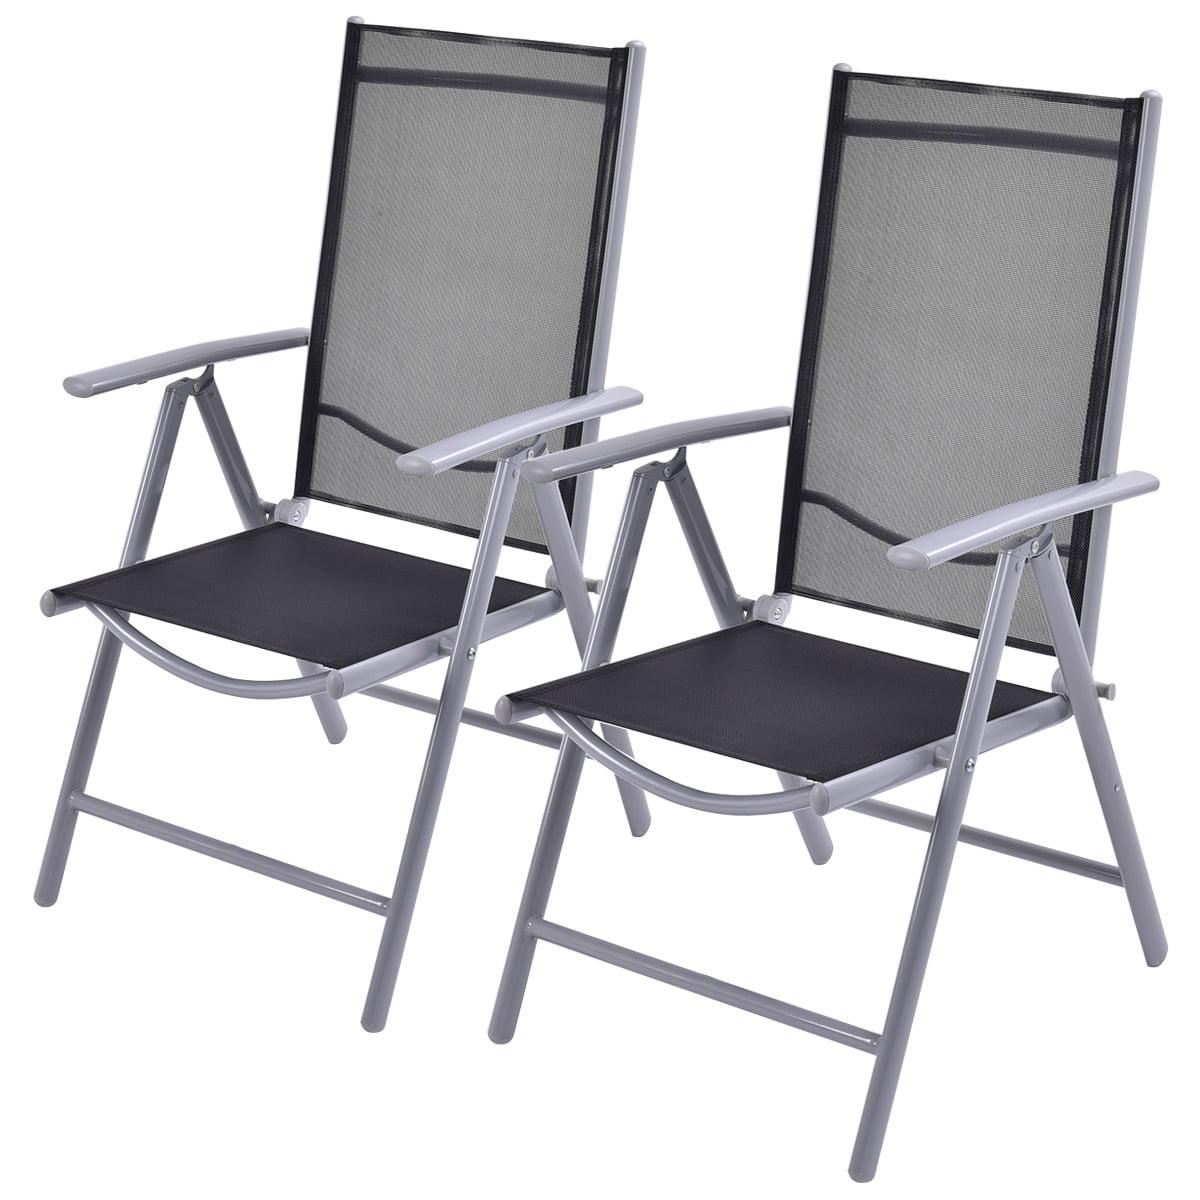 Costway Set of 10 Patio Folding Chairs Adjustable Reclining Indoor Outdoor  Garden Pool - Walmart.com